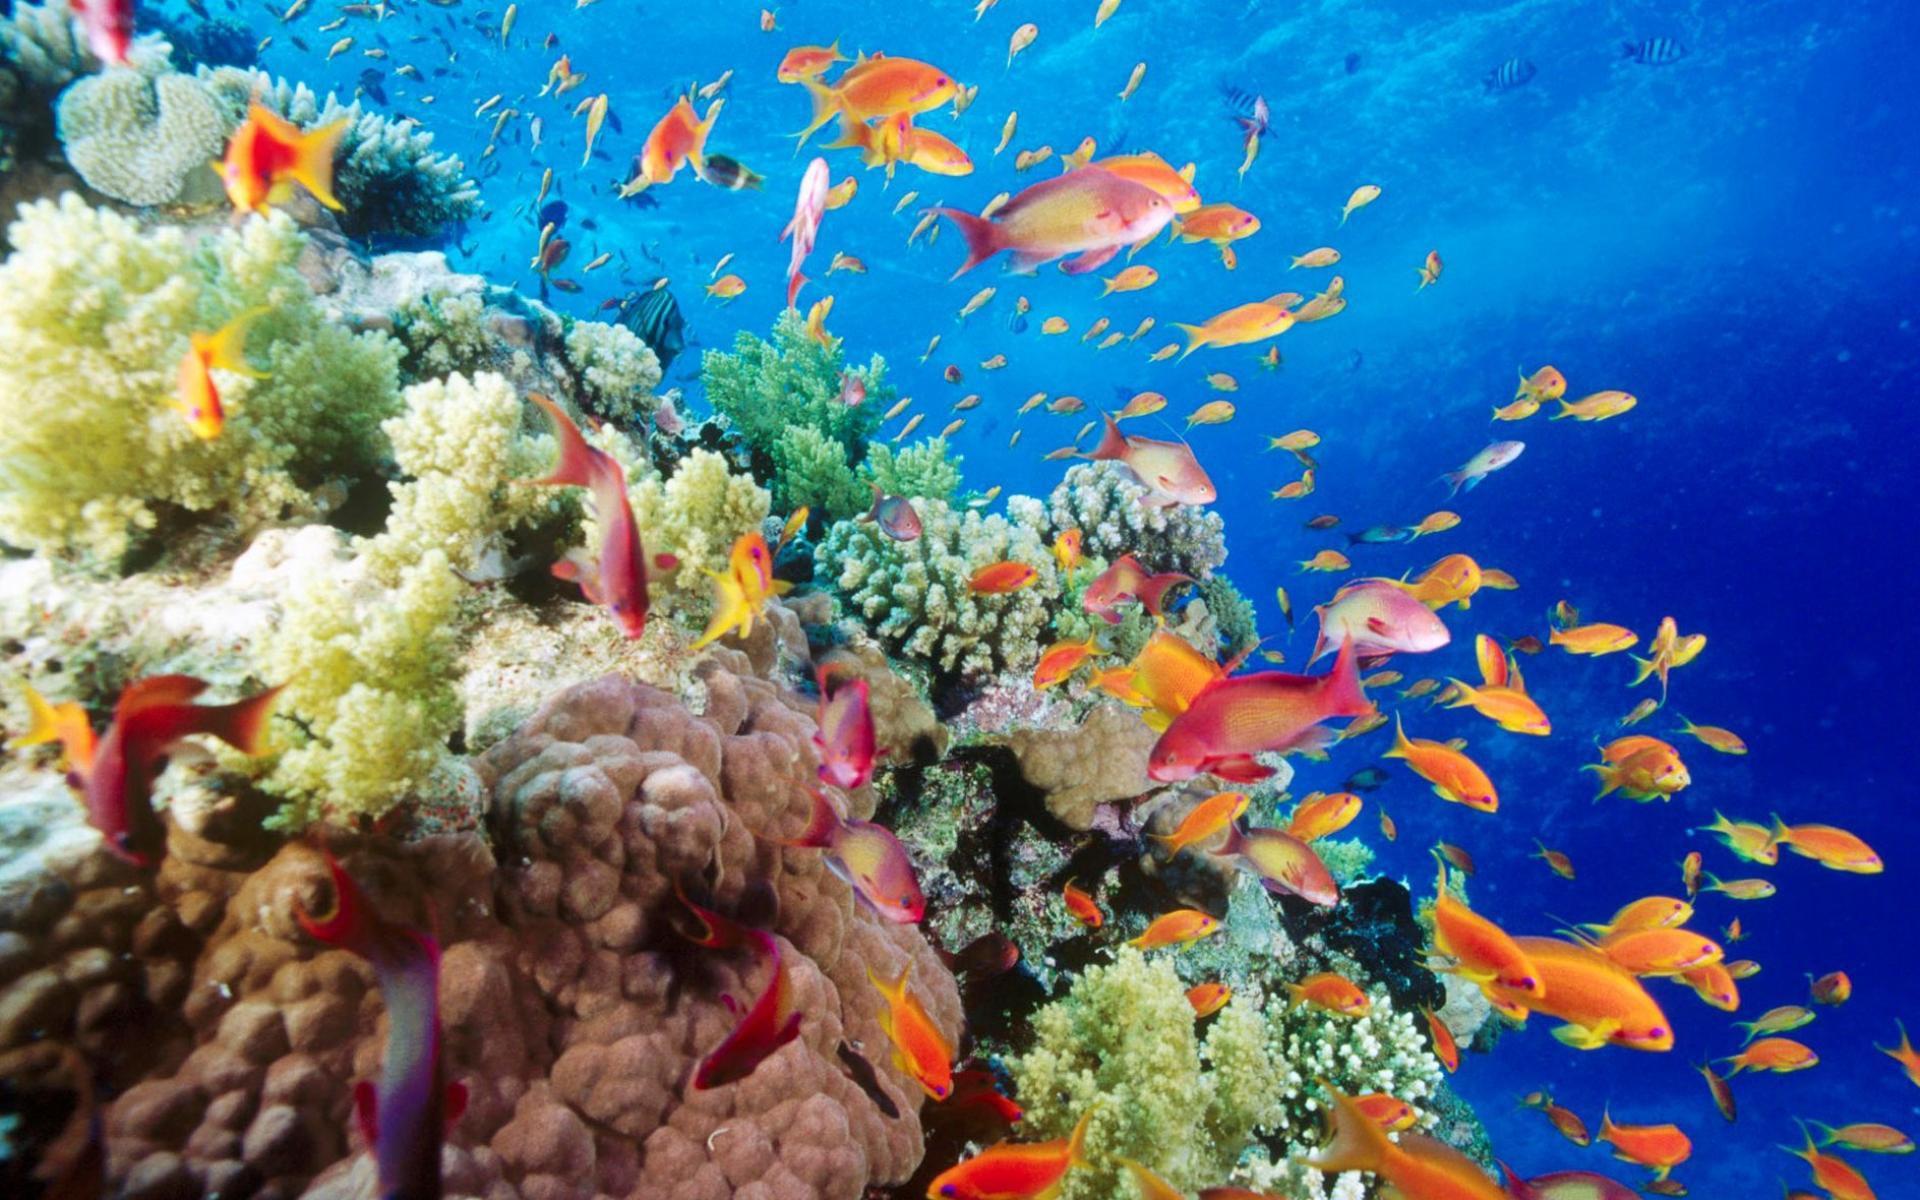 природа рыба море коралловый риф бесплатно